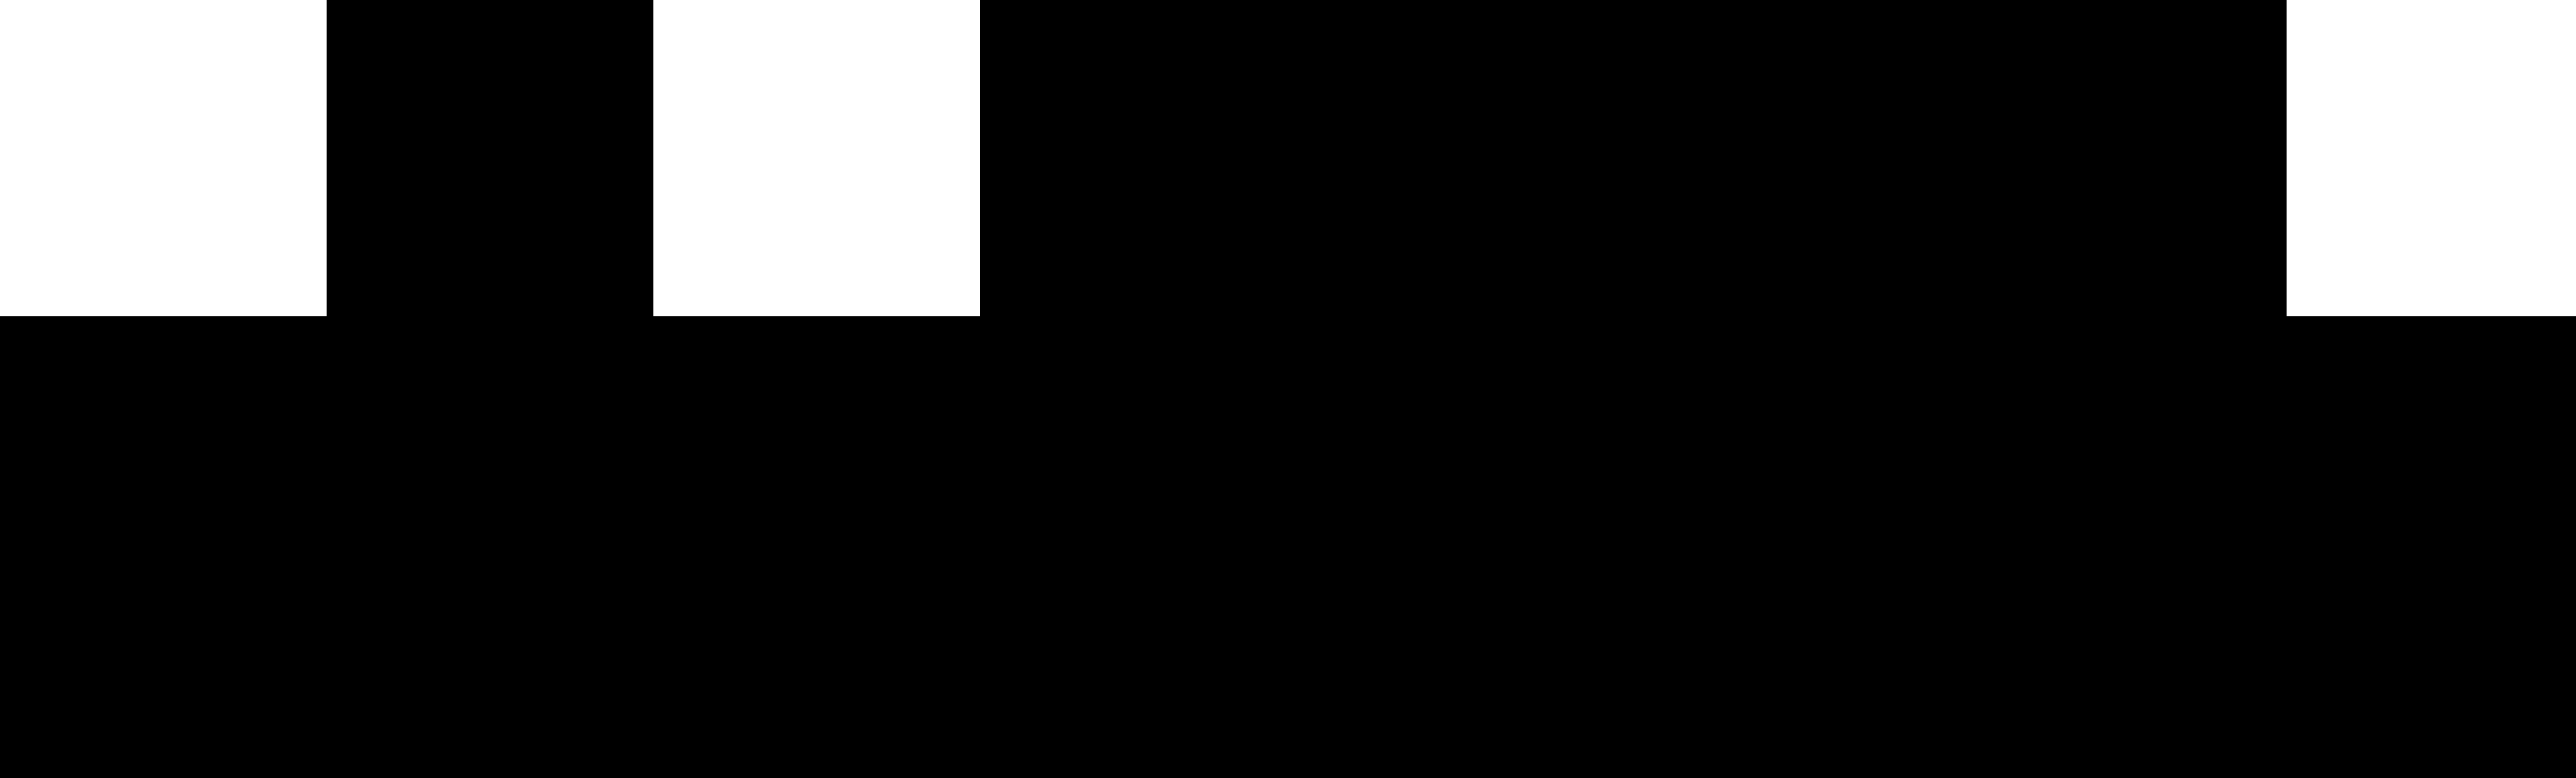 5b1b857c988ef94d357f3745_logo_pib_horizo